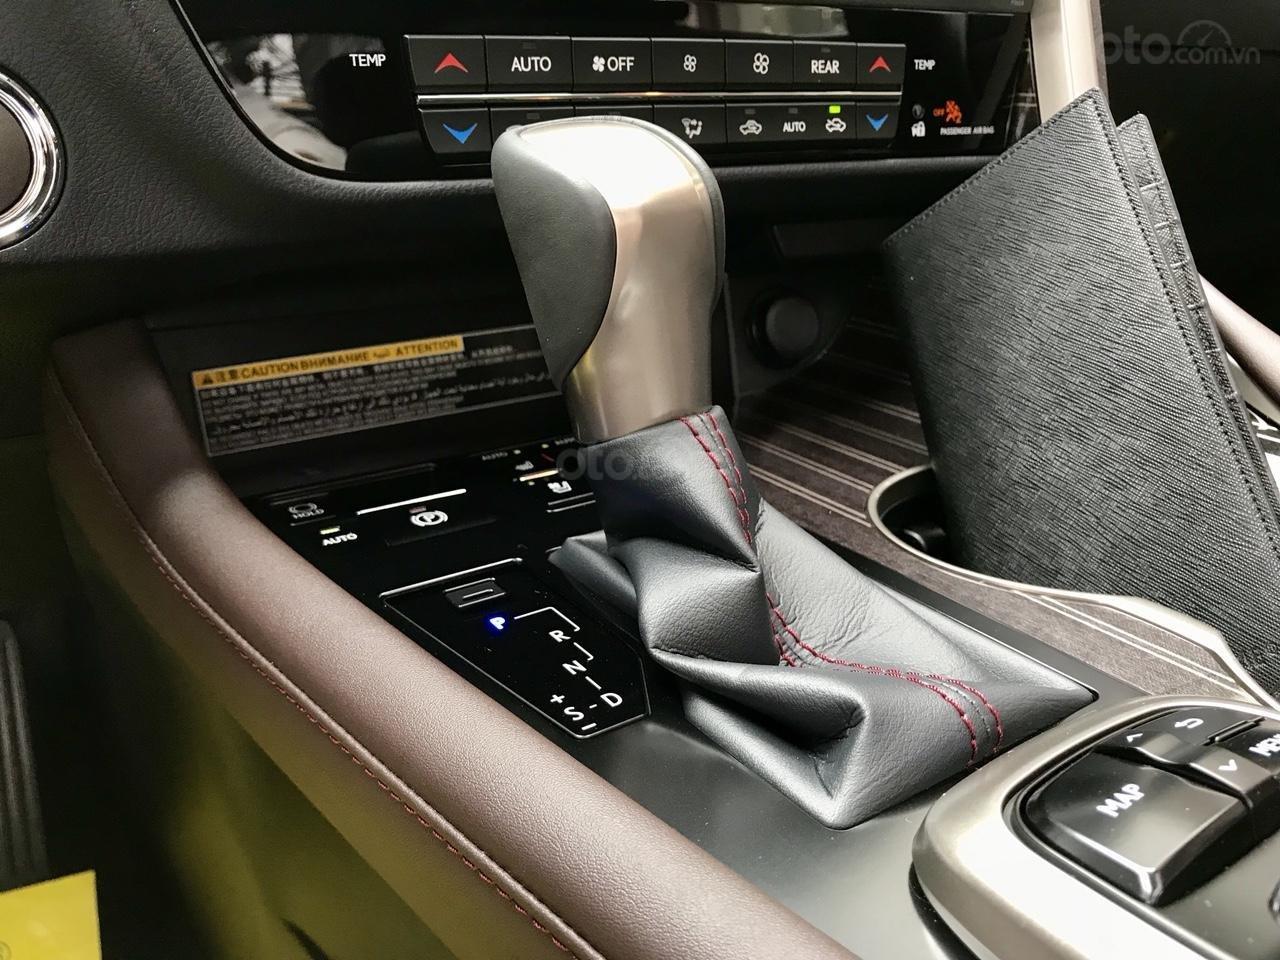 Bán Lexus RX R350L 2018, màu đen, 6 chỗ, nhập khẩu Mỹ - Mr Huân 0981.0101.61-12